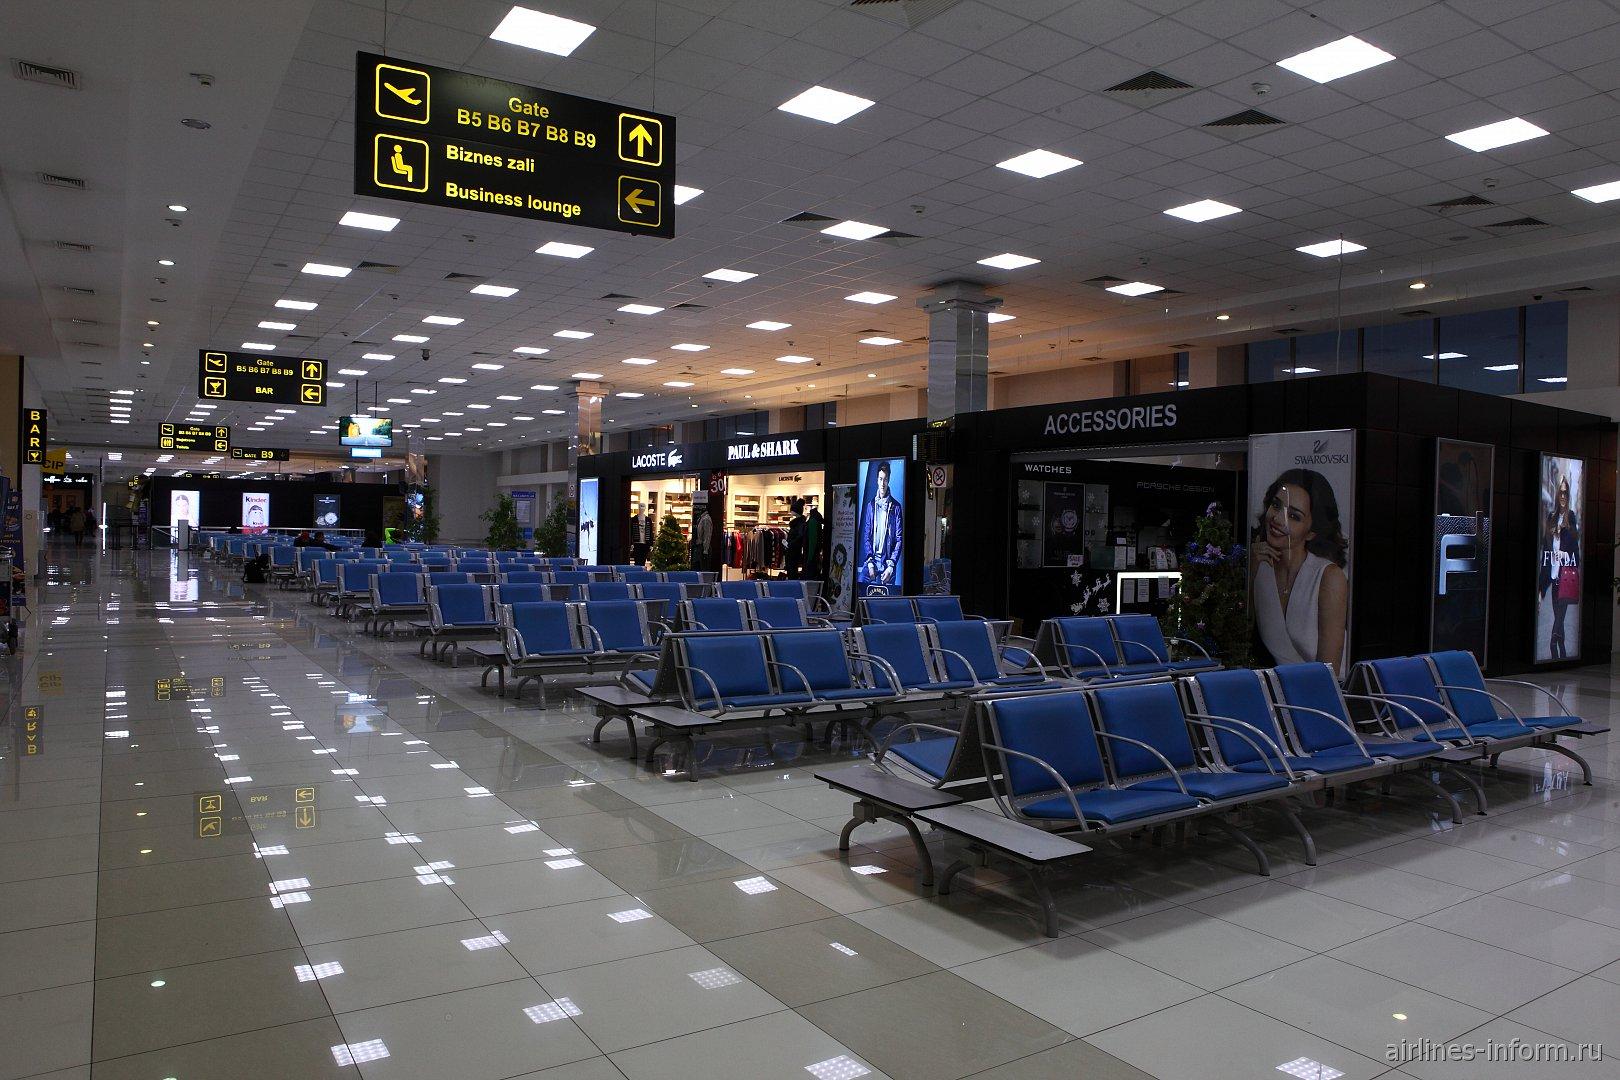 Зал ожидания вылета в аэропорту Ташкент